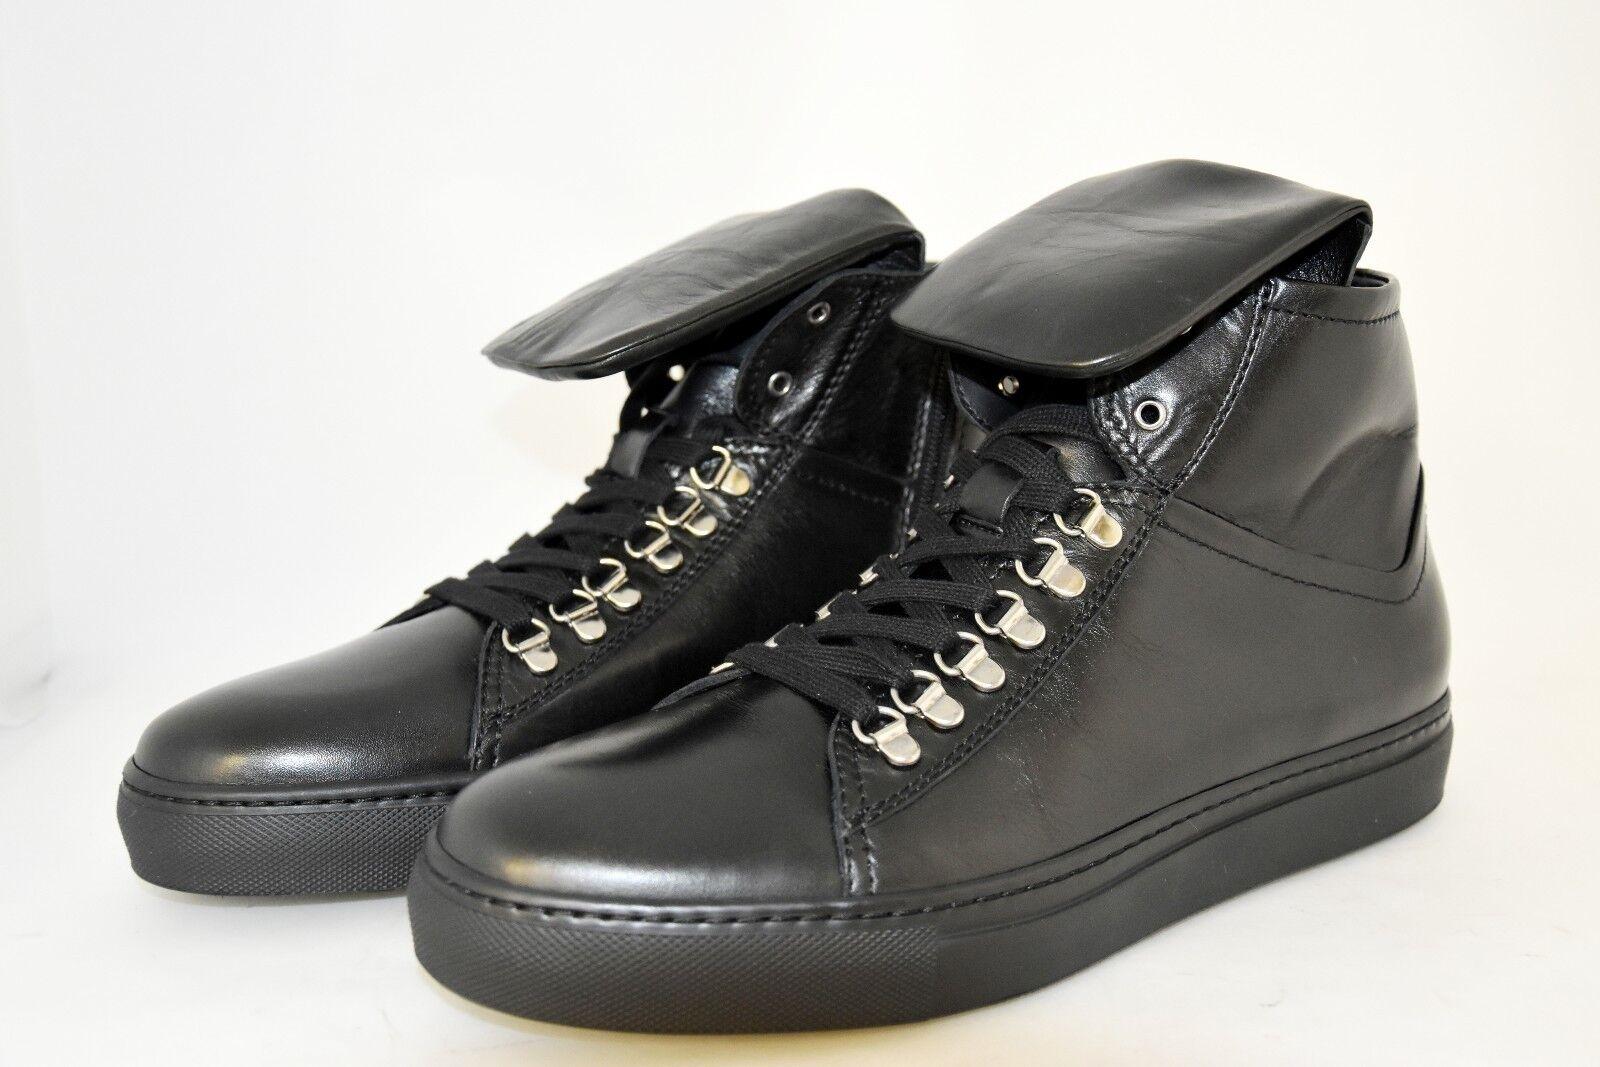 MAN-44eu-10eu-11usa-HIGH scarpe da ginnastica-nero CALF-STITCHED RUBBER SOLE